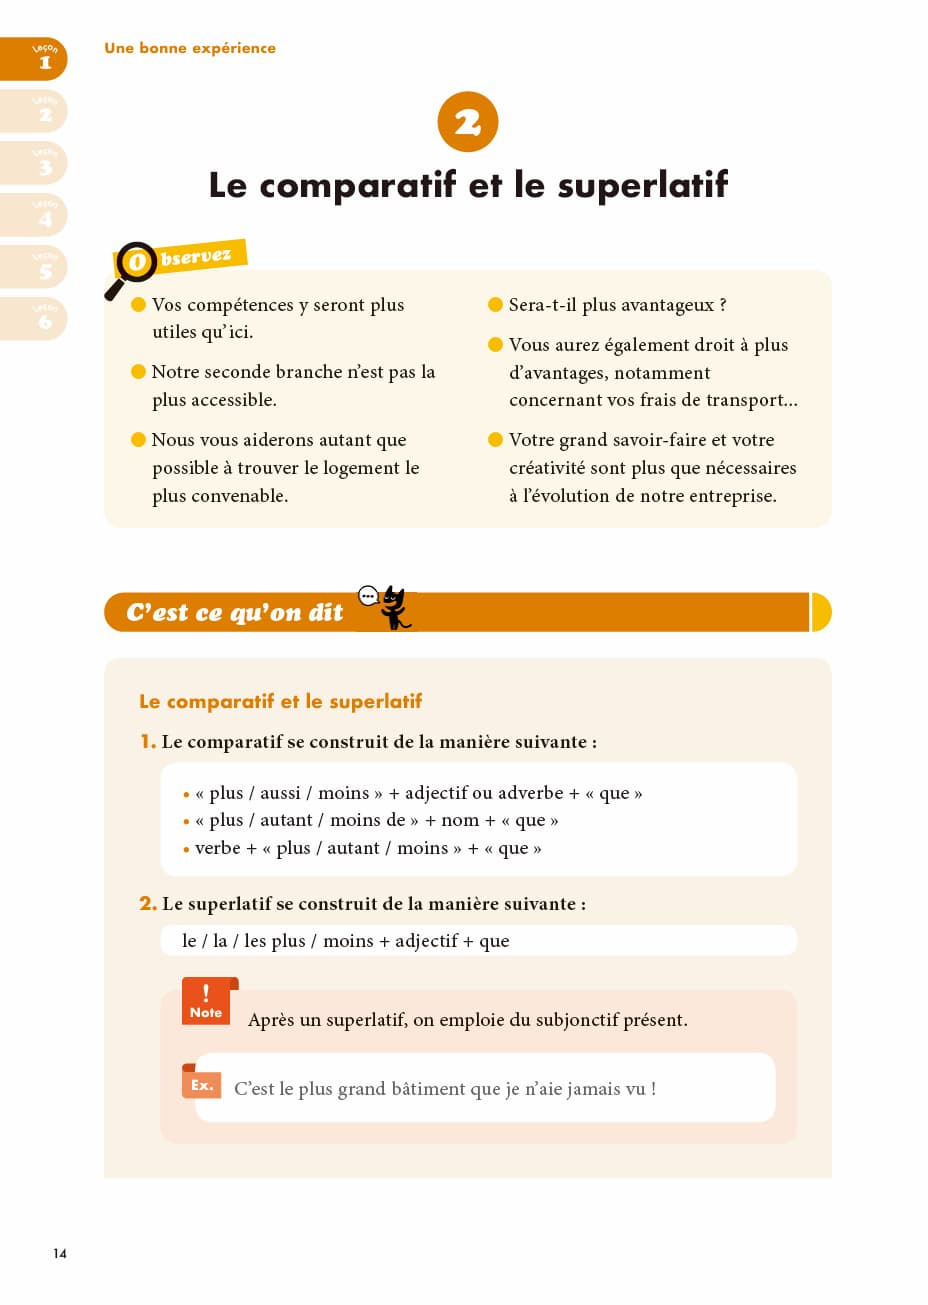 エコールサンパのフランス語教材「C'est sympa livret 9」の14ページ目